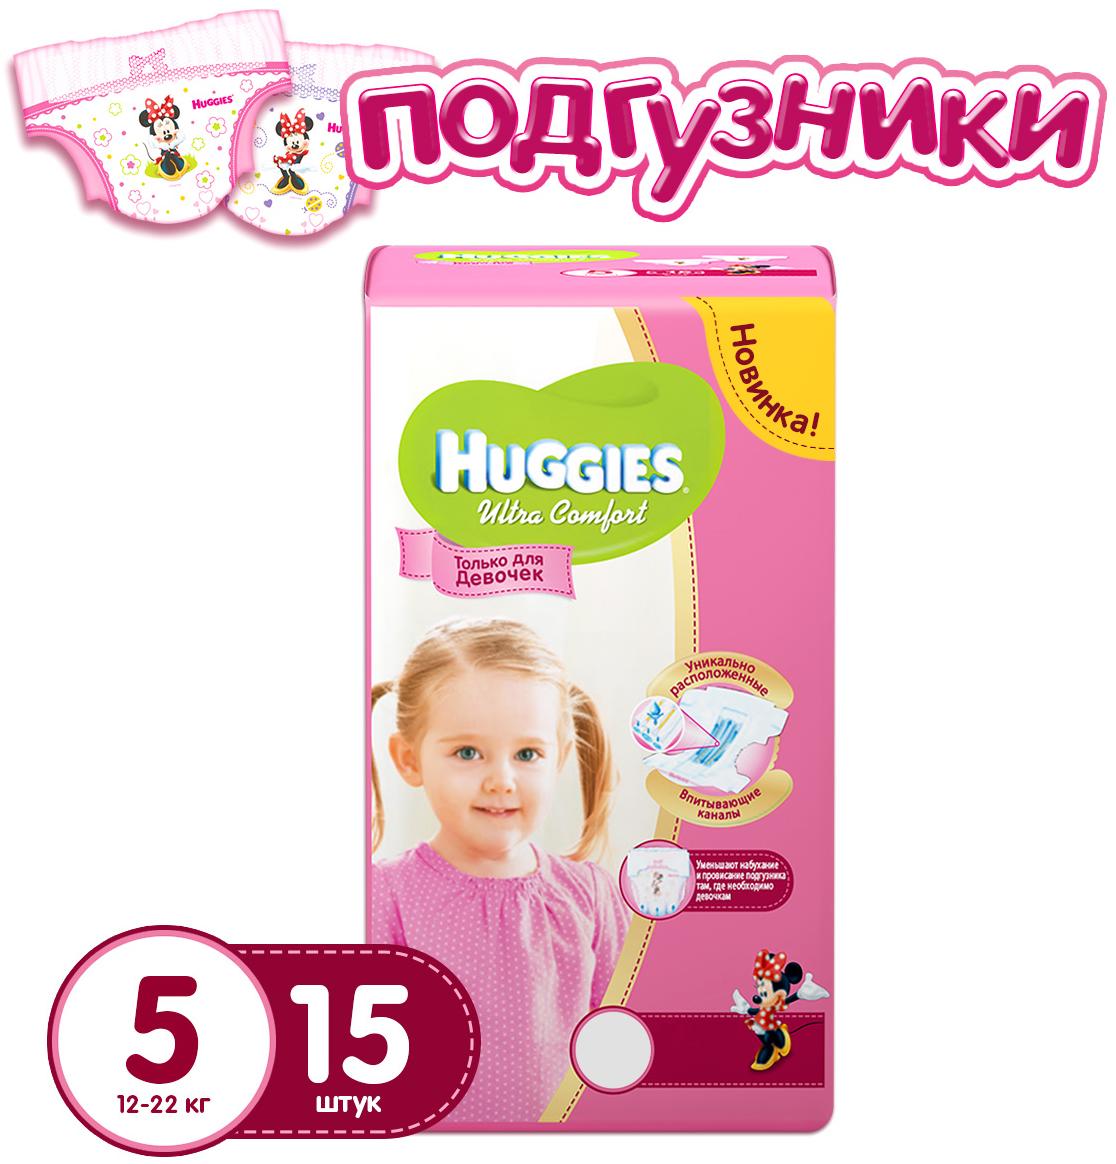 Подгузники Huggies Ultra Comfort для девочек 5 (12-22 кг) 15 шт. huggies подгузники для девочек ultra comfort 12 22 кг размер 5 15 шт